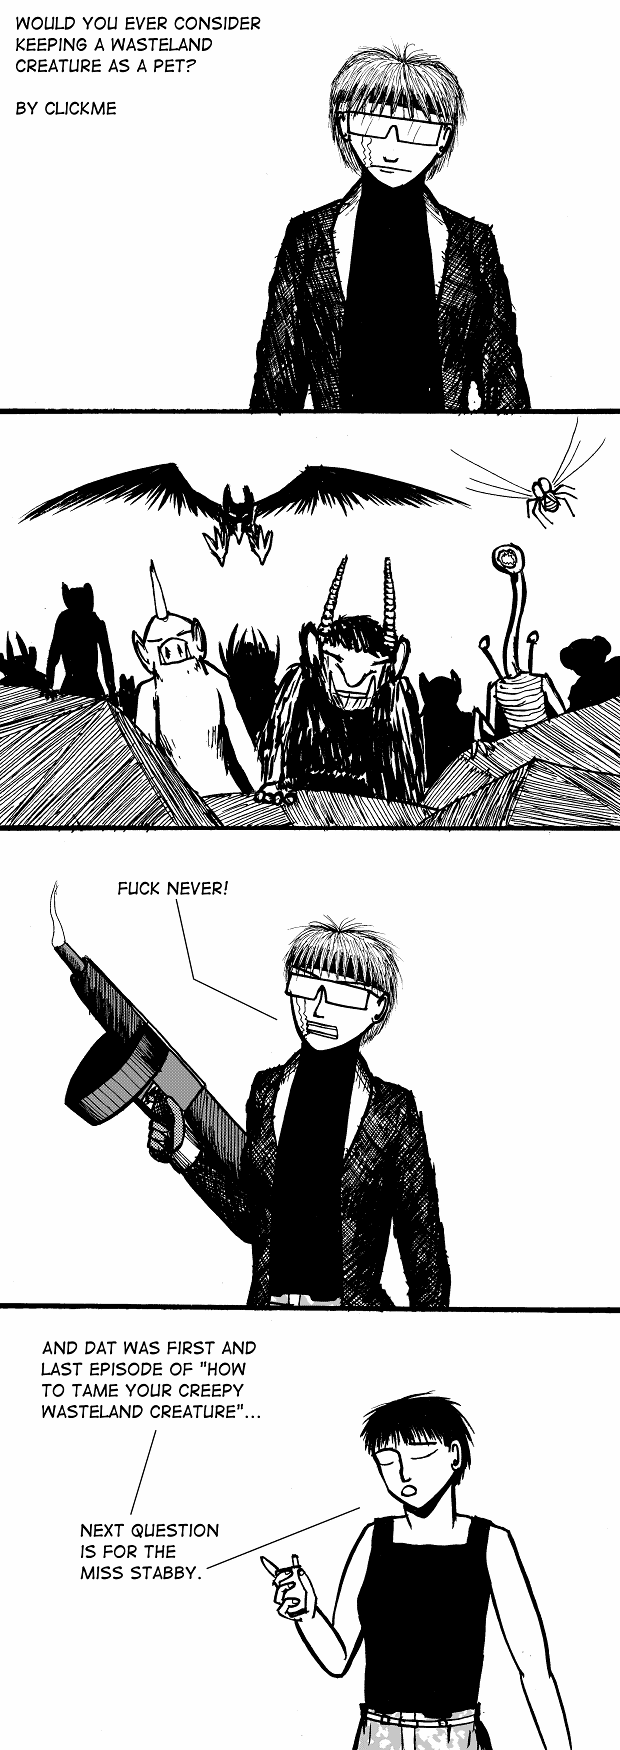 Unr - 02